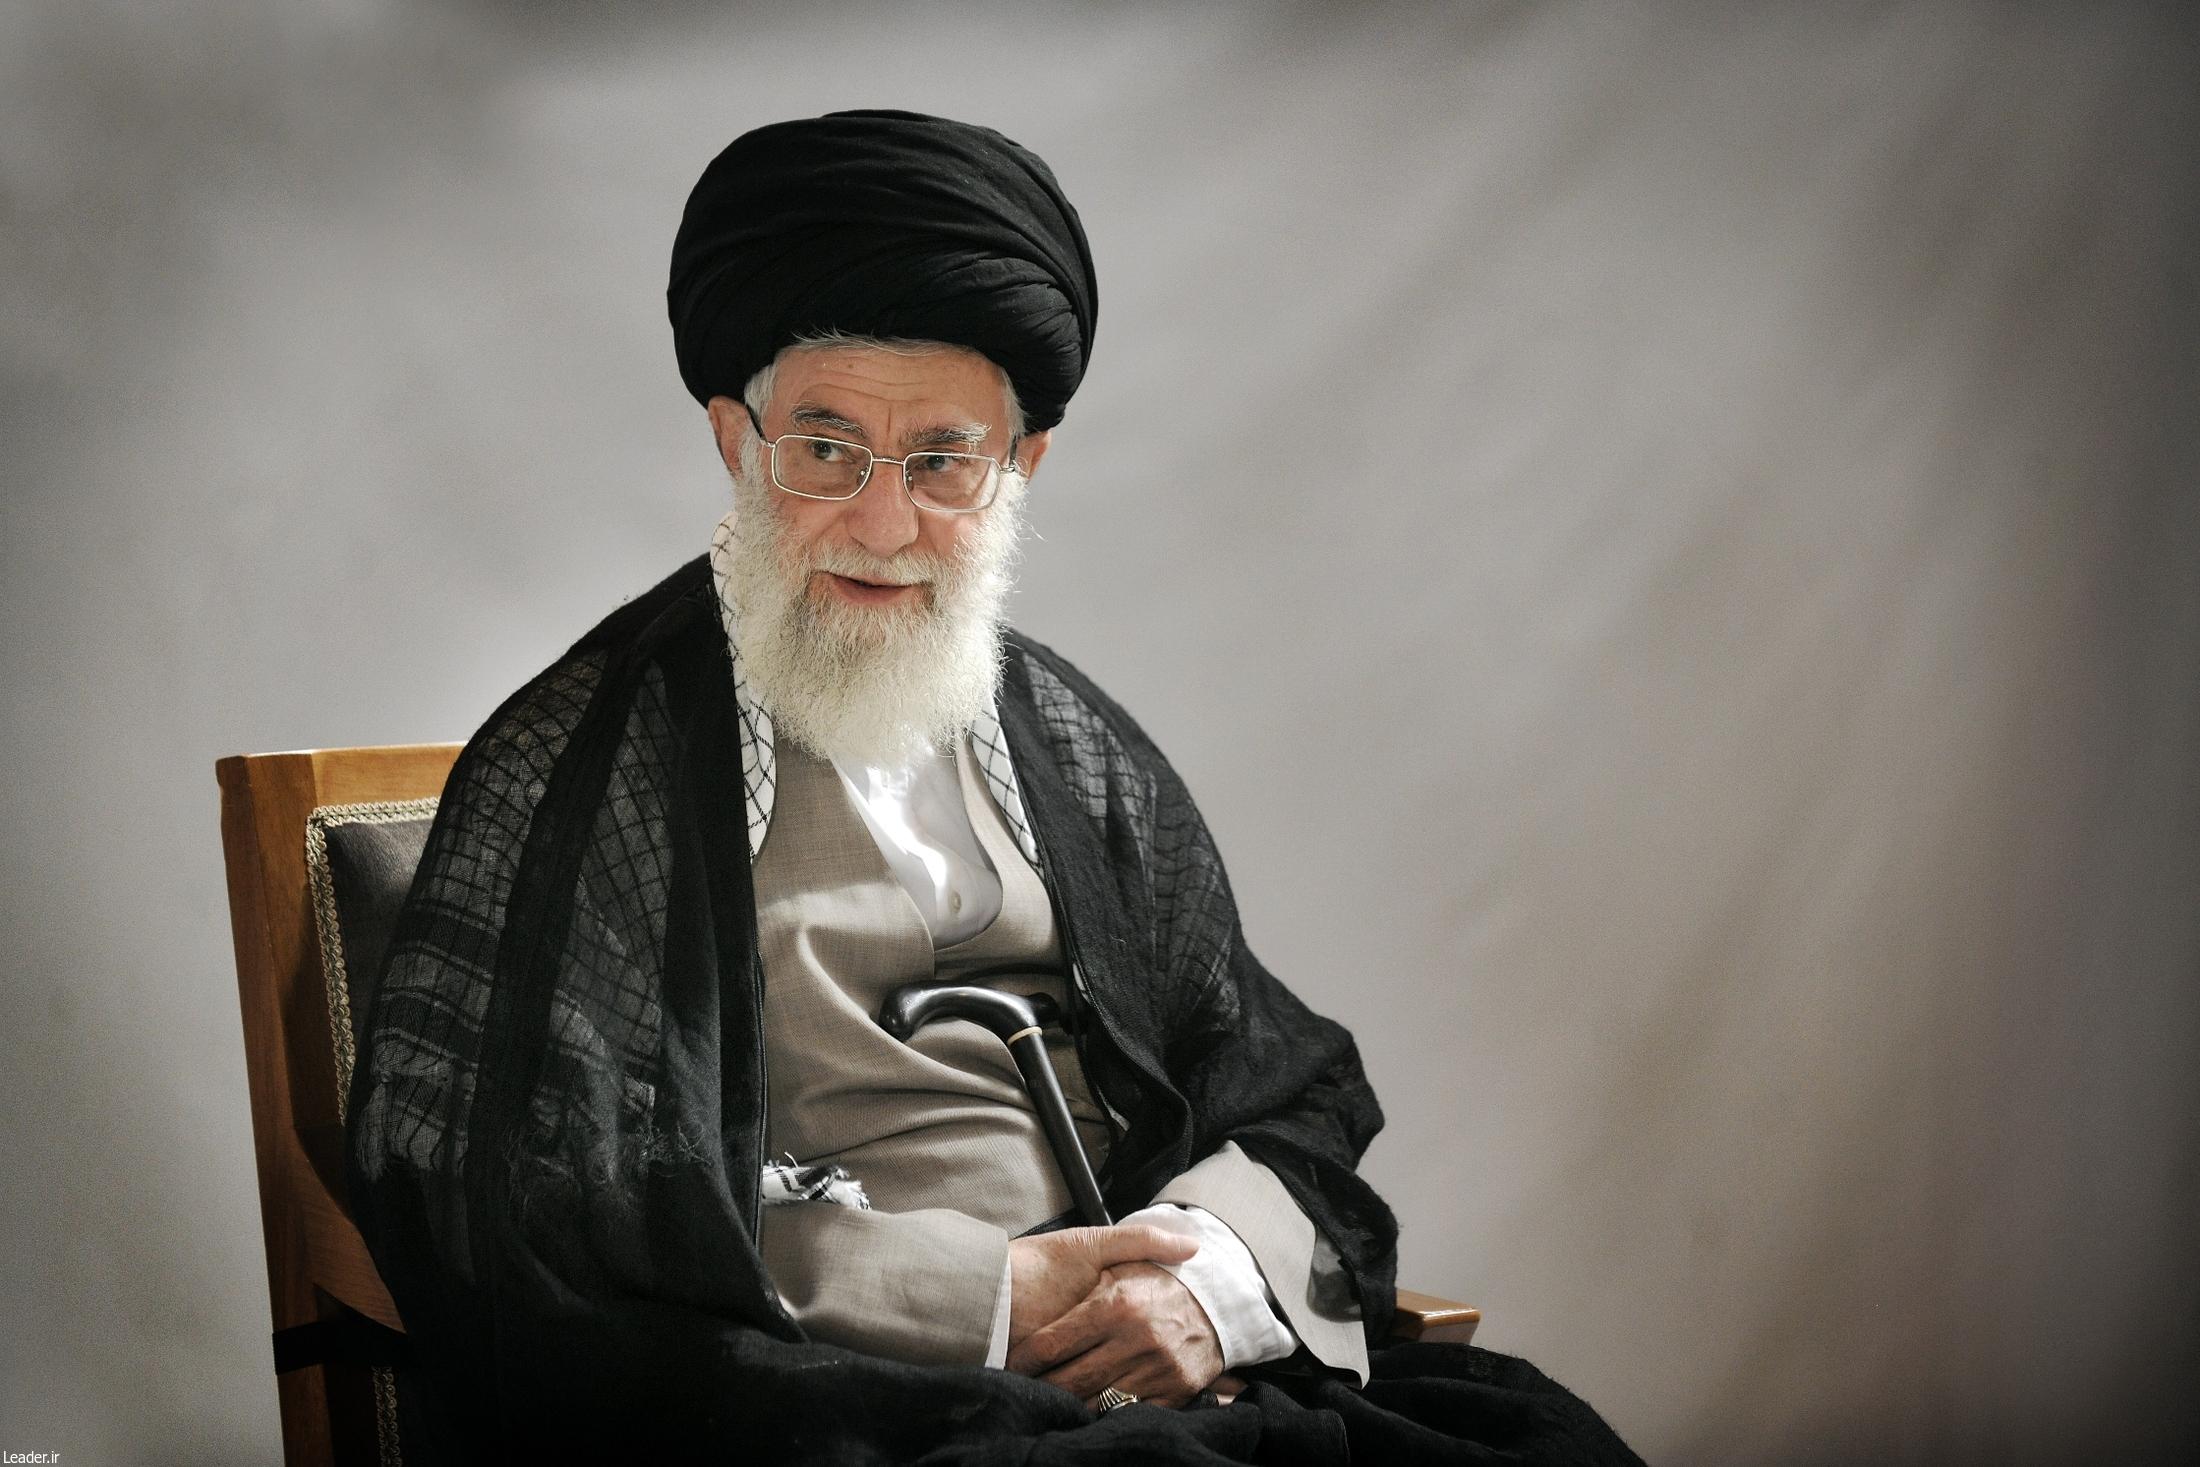 انقلاب، درگذشتِ حجت ال والمسلمین صالحی را تسلیت گفتند